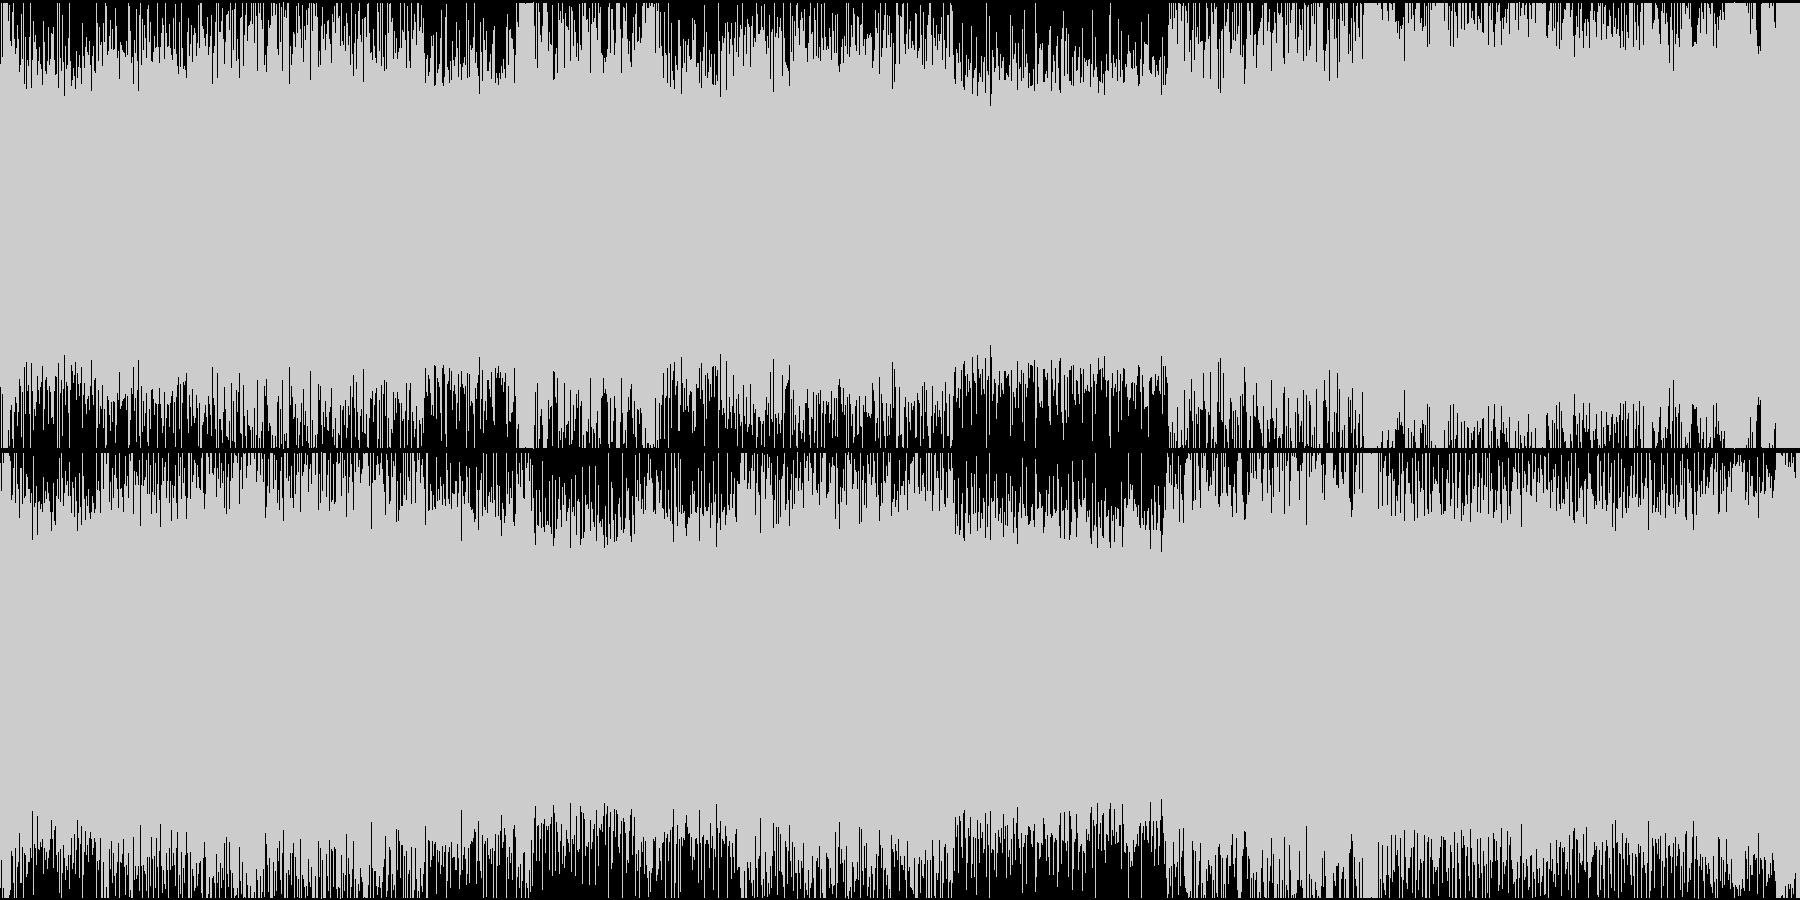 メタルライクな戦闘BGMの未再生の波形